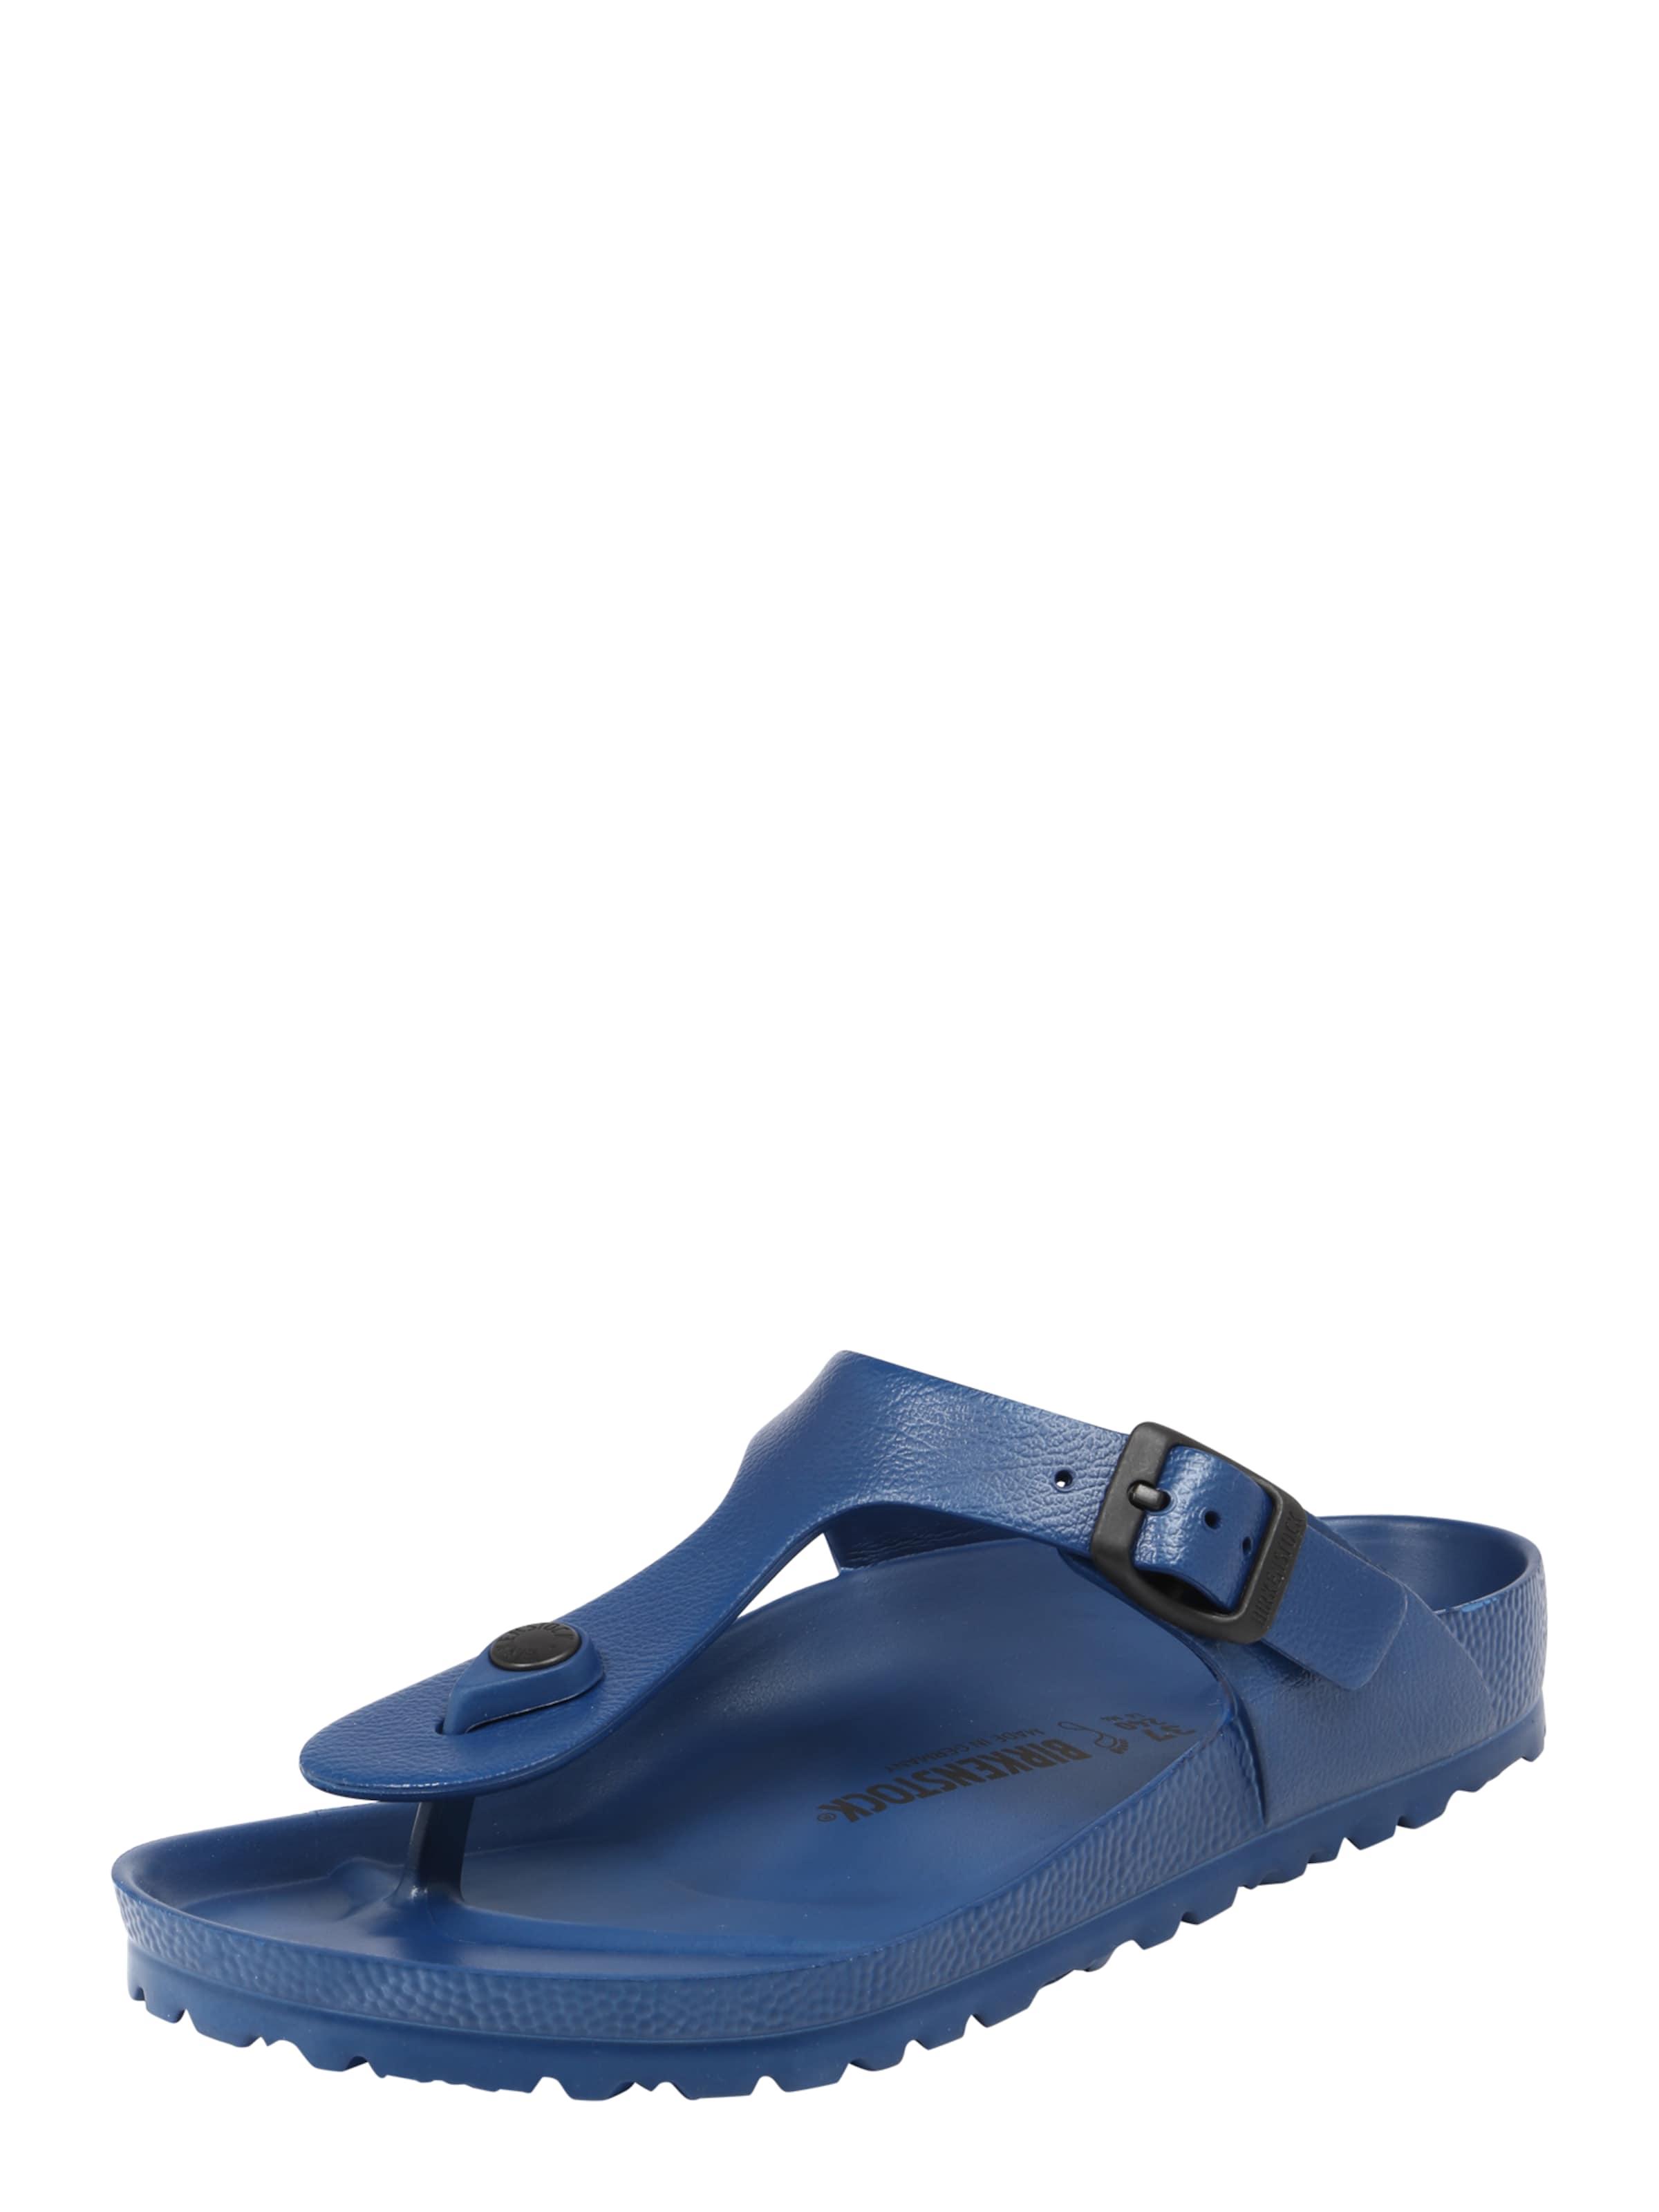 Séparateur D'orteils En Marine Birkenstock Bleu 'gizeh' T1cFJlK